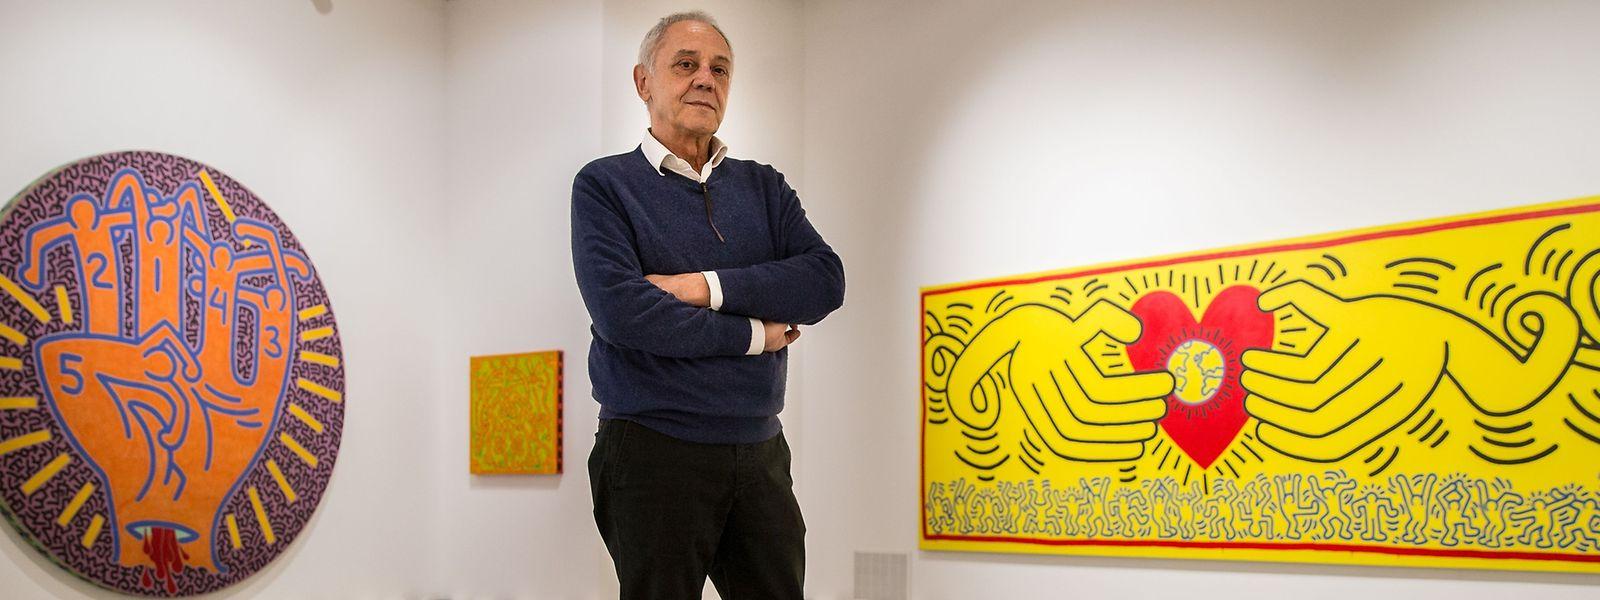 """Kurator Gianni Mercurio traf Keith Haring als """"einfachen, großzügigen und offenen"""" Künstler."""